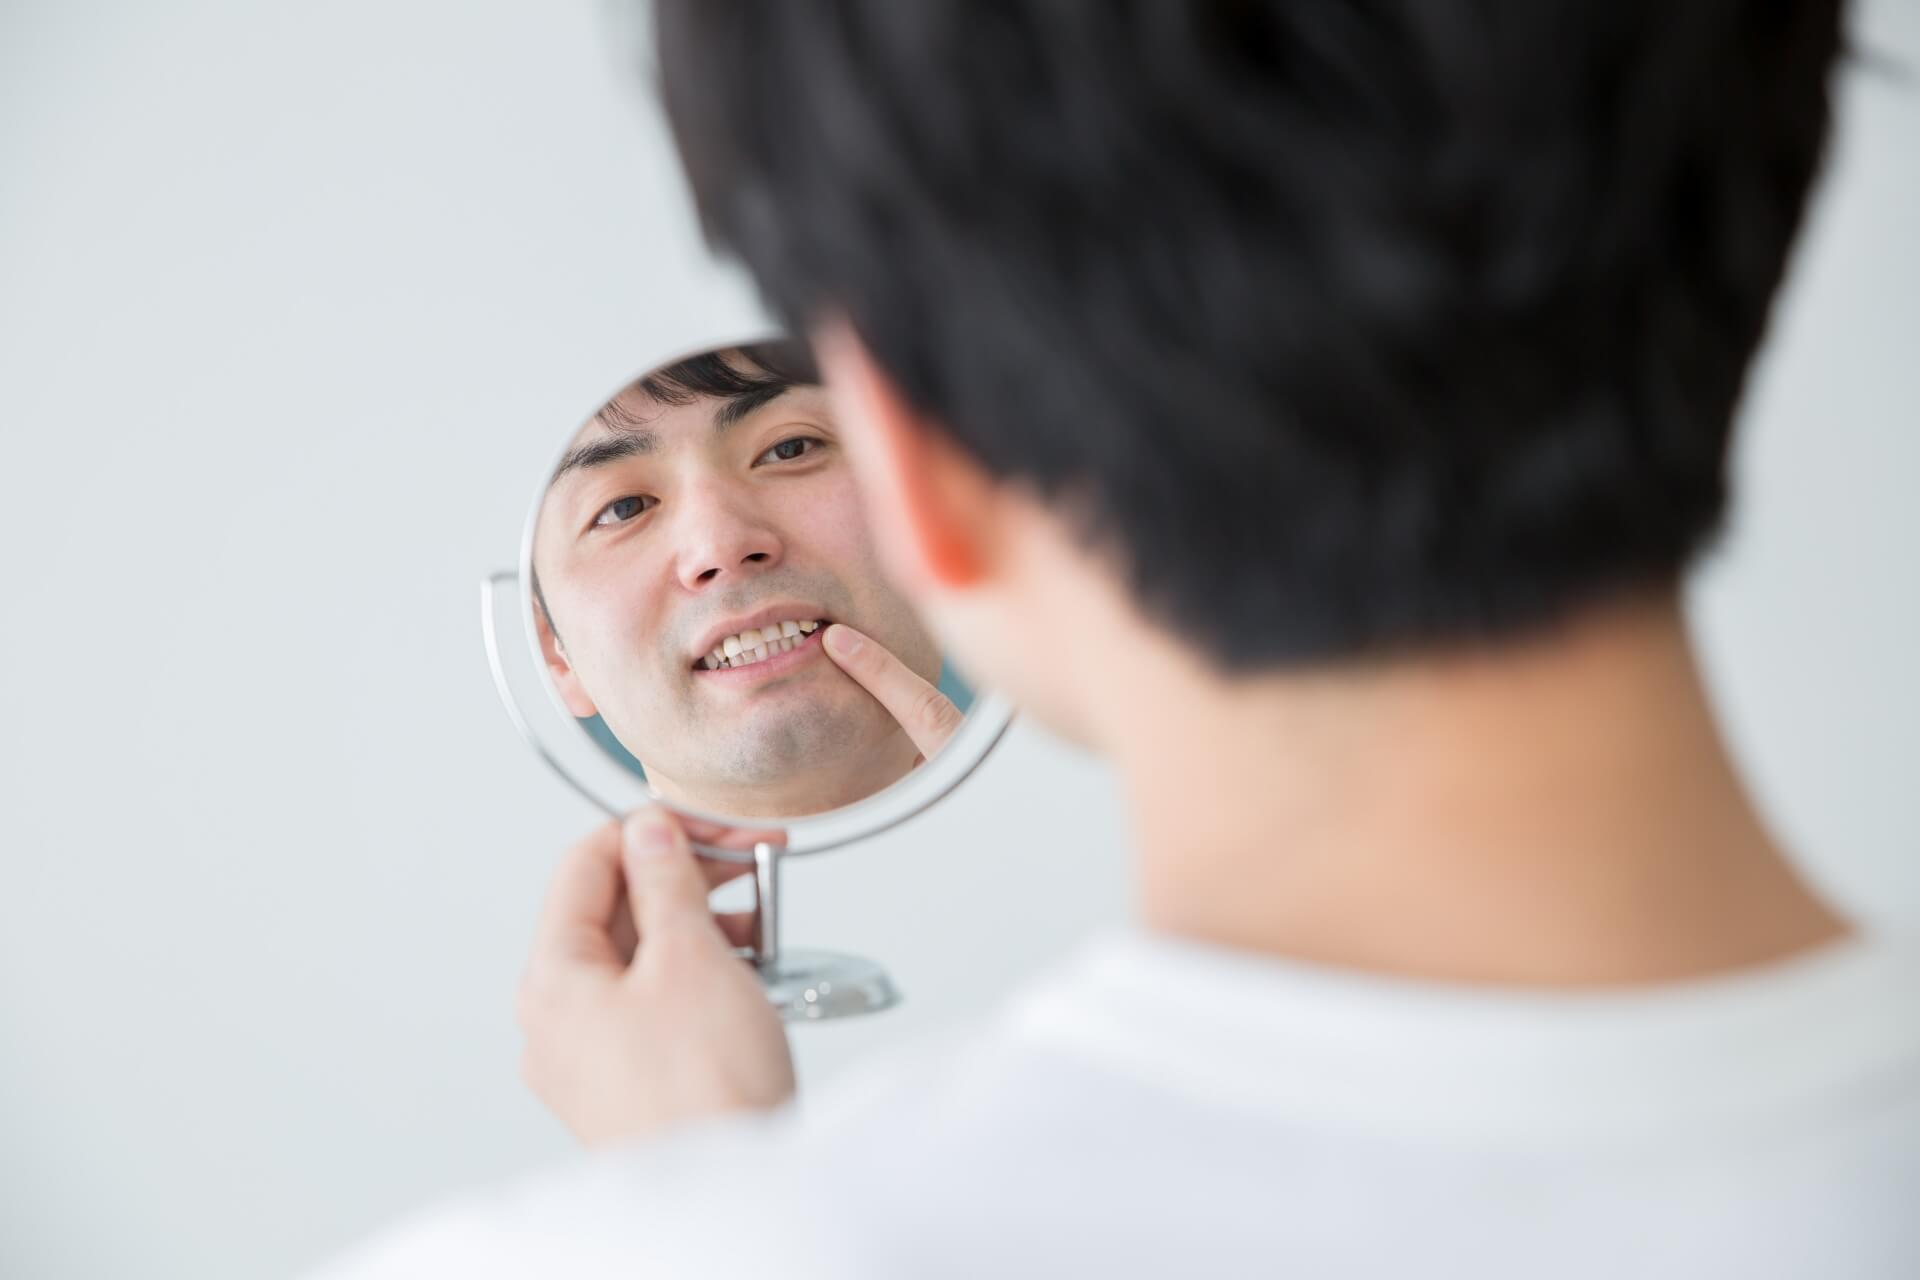 歯のセレック治療に満足している男の人